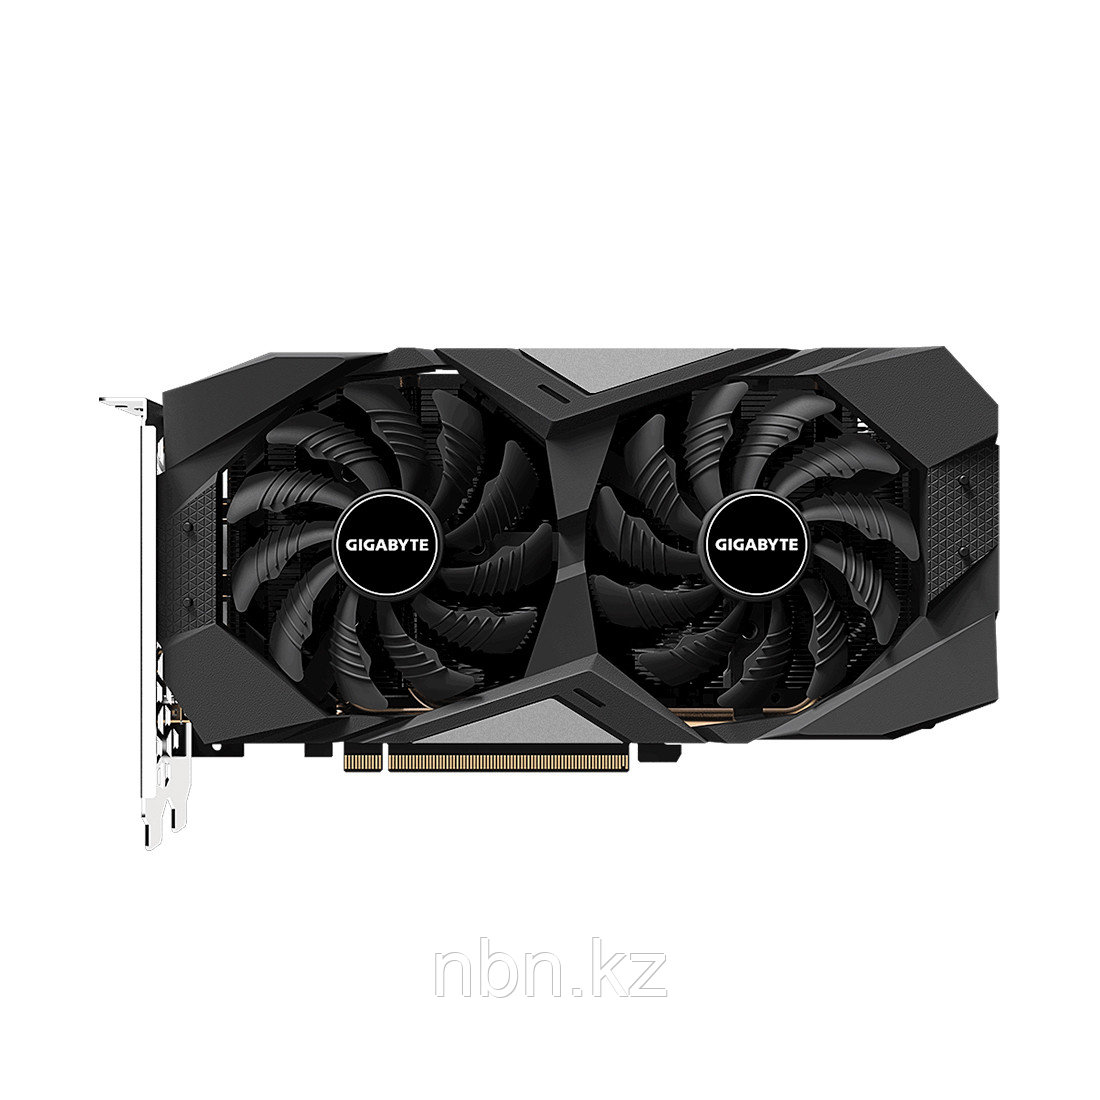 Видеокарта Gigabyte (GV-R55XTOC-8GD) Radeon RX 5500 XT OC 8G